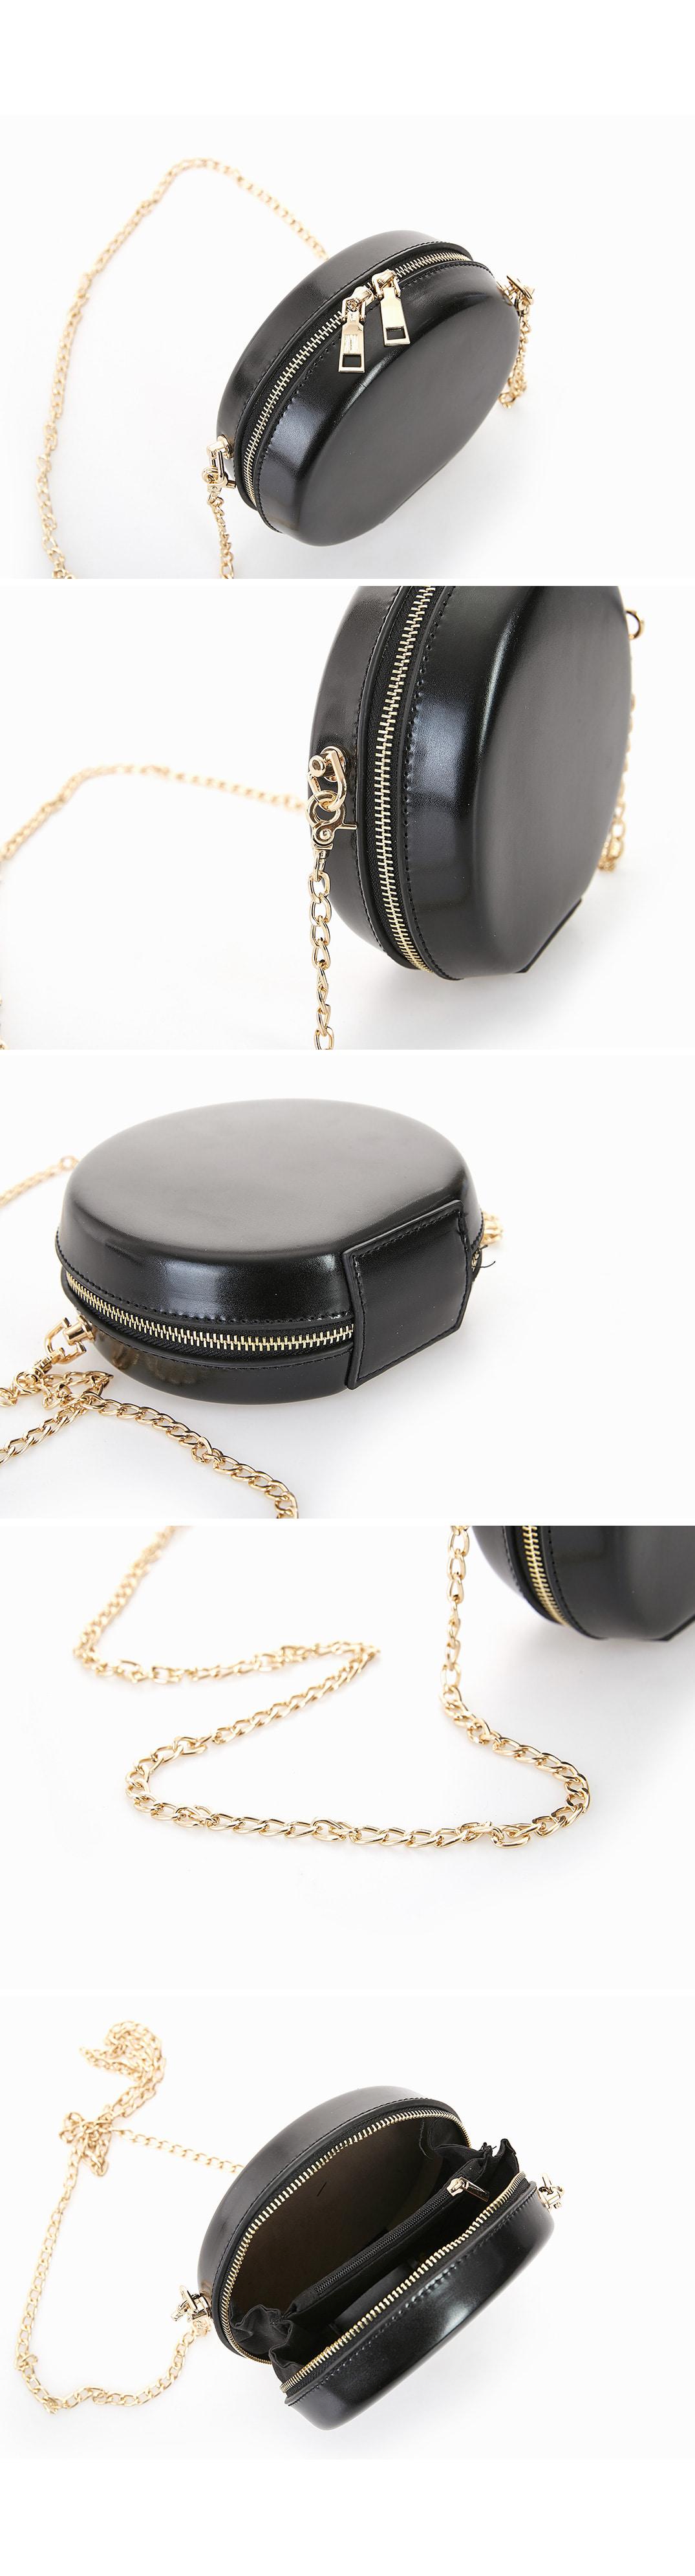 Swing Chain Shoulder Bag